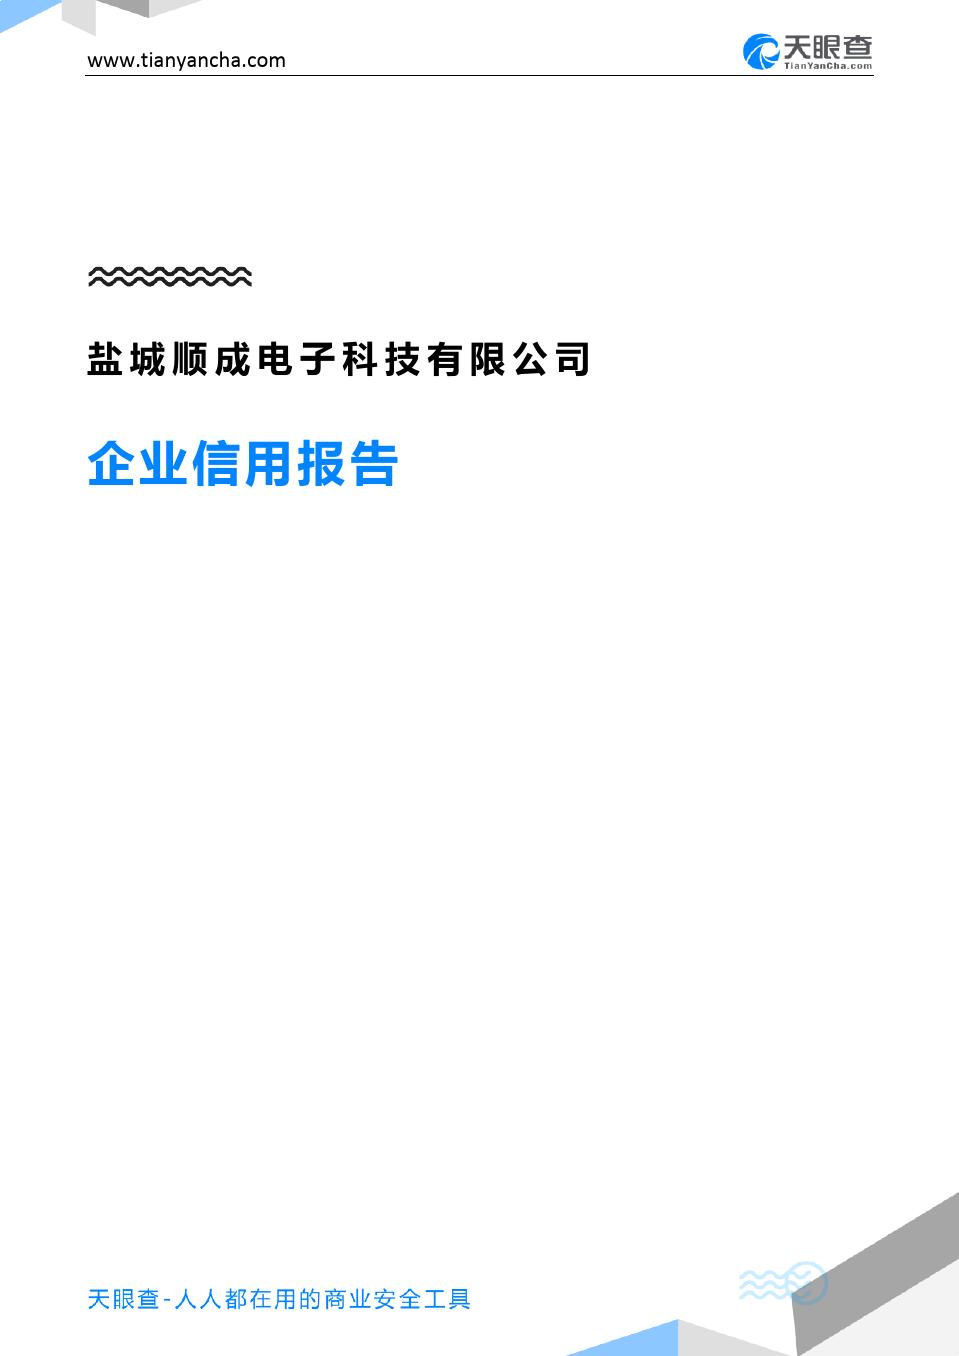 盐城顺成电子科技有限公司(企业信用报告)- 天眼查